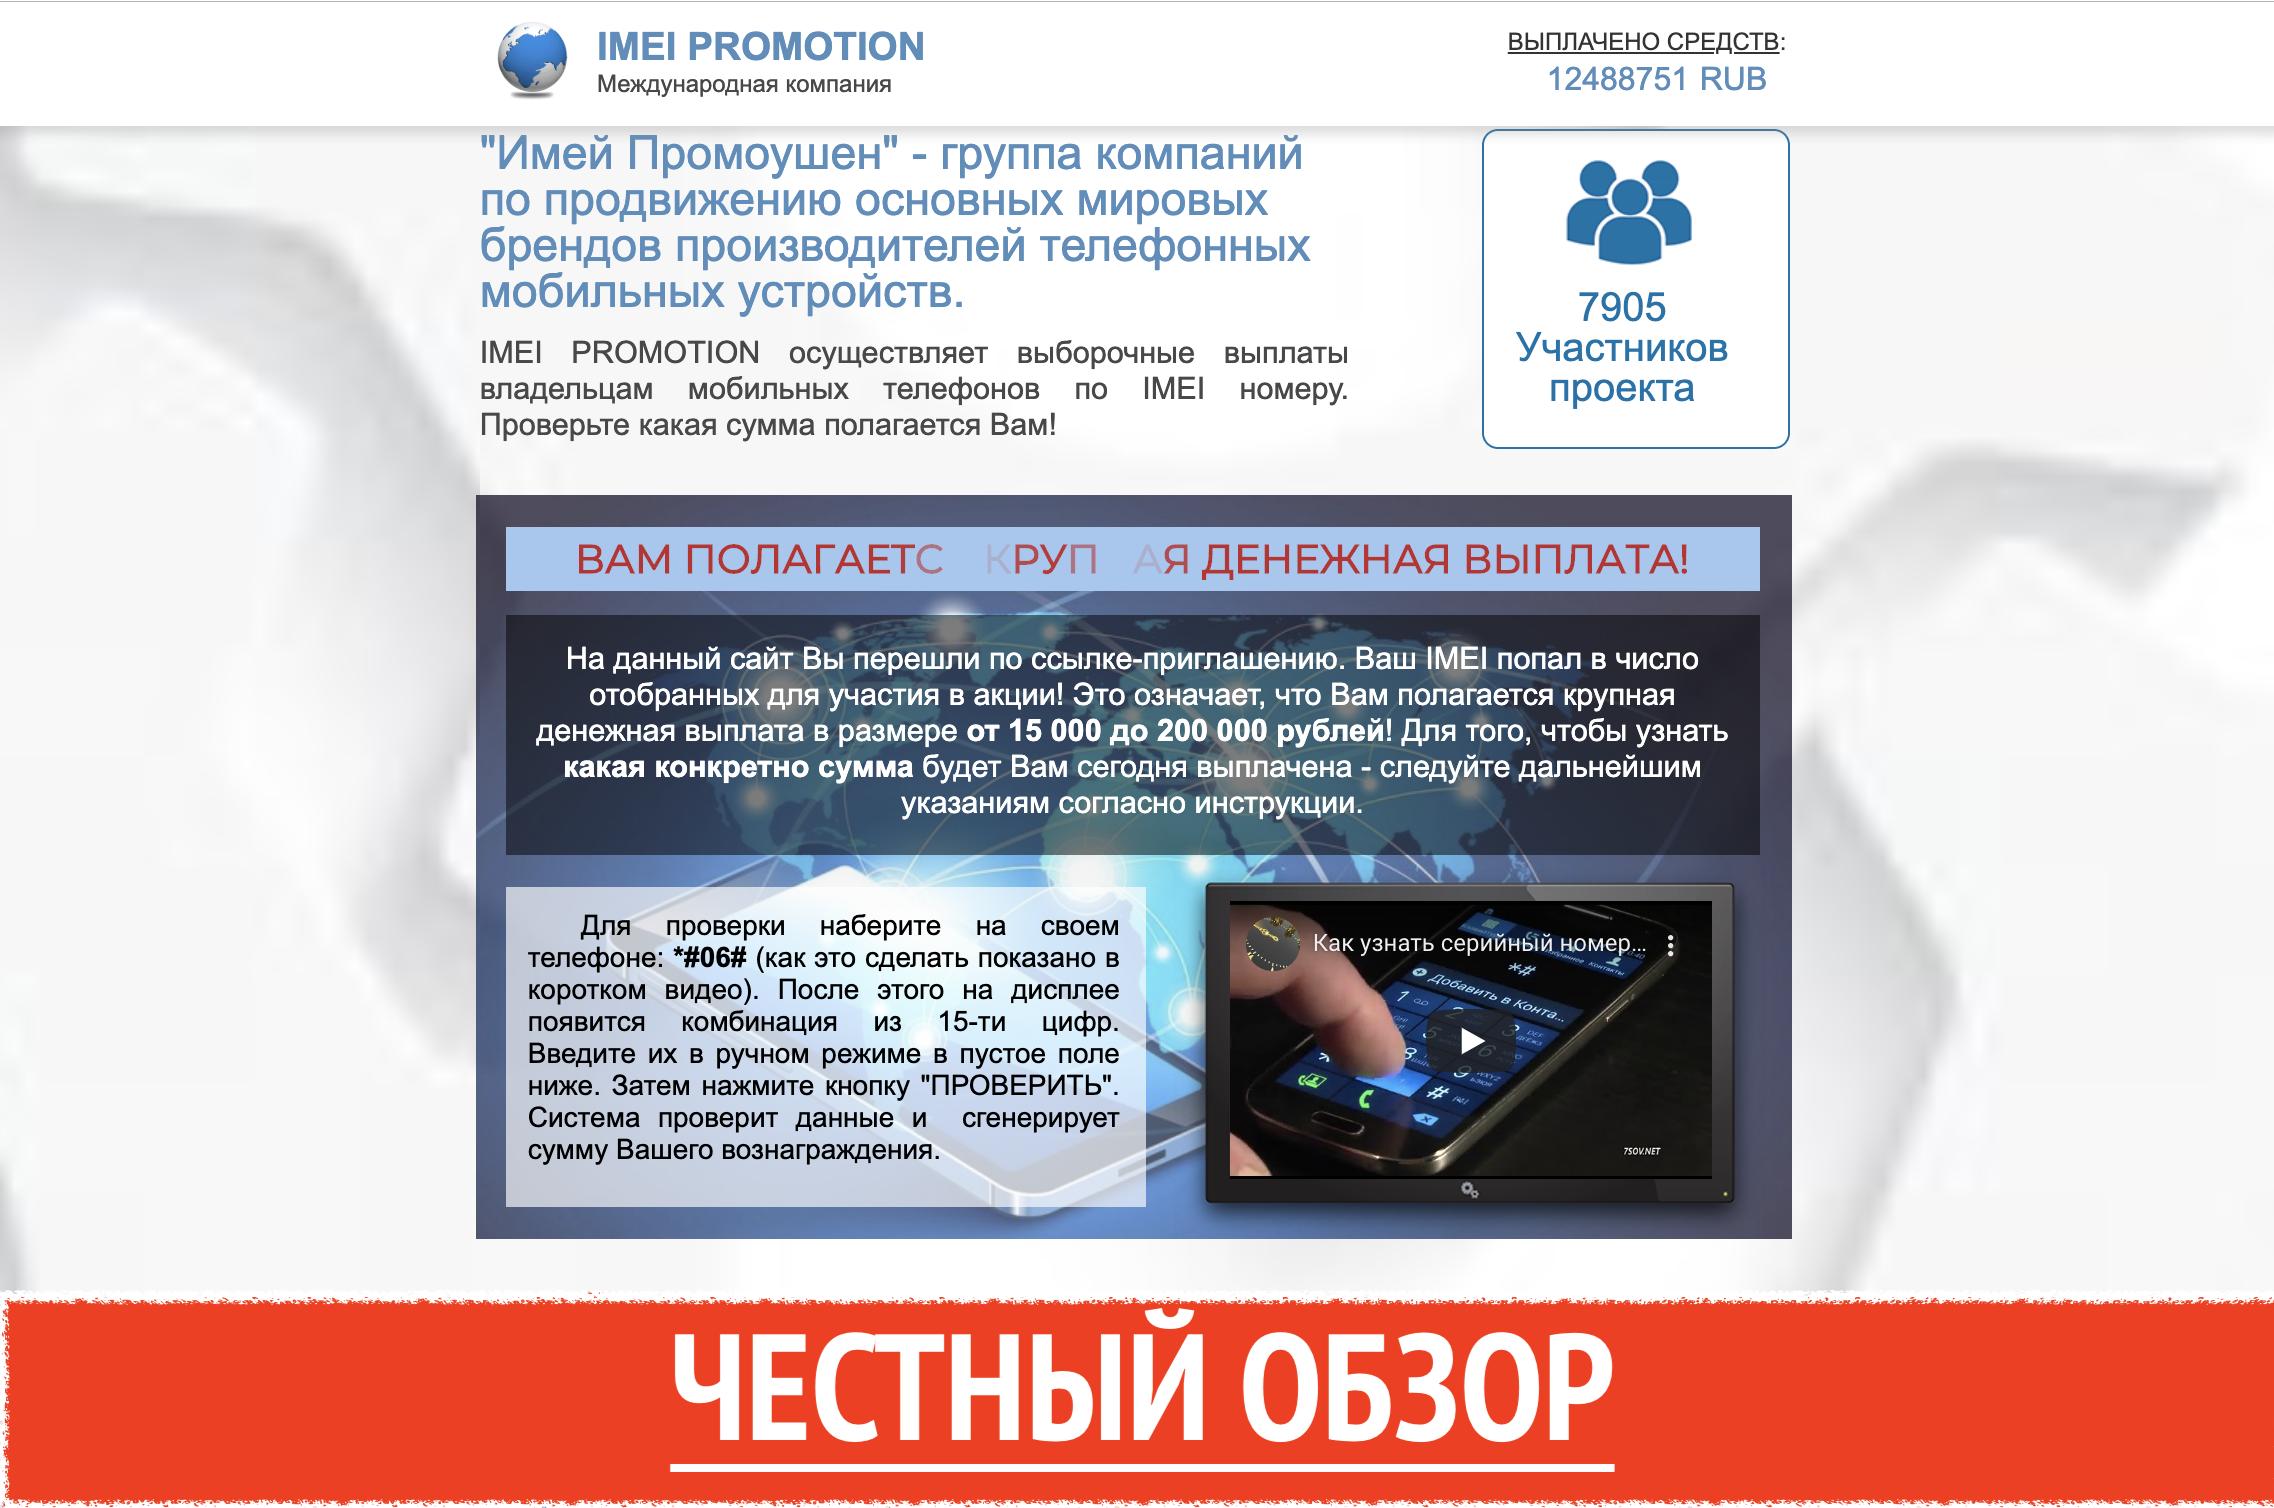 http://promobilepey.info отзывы